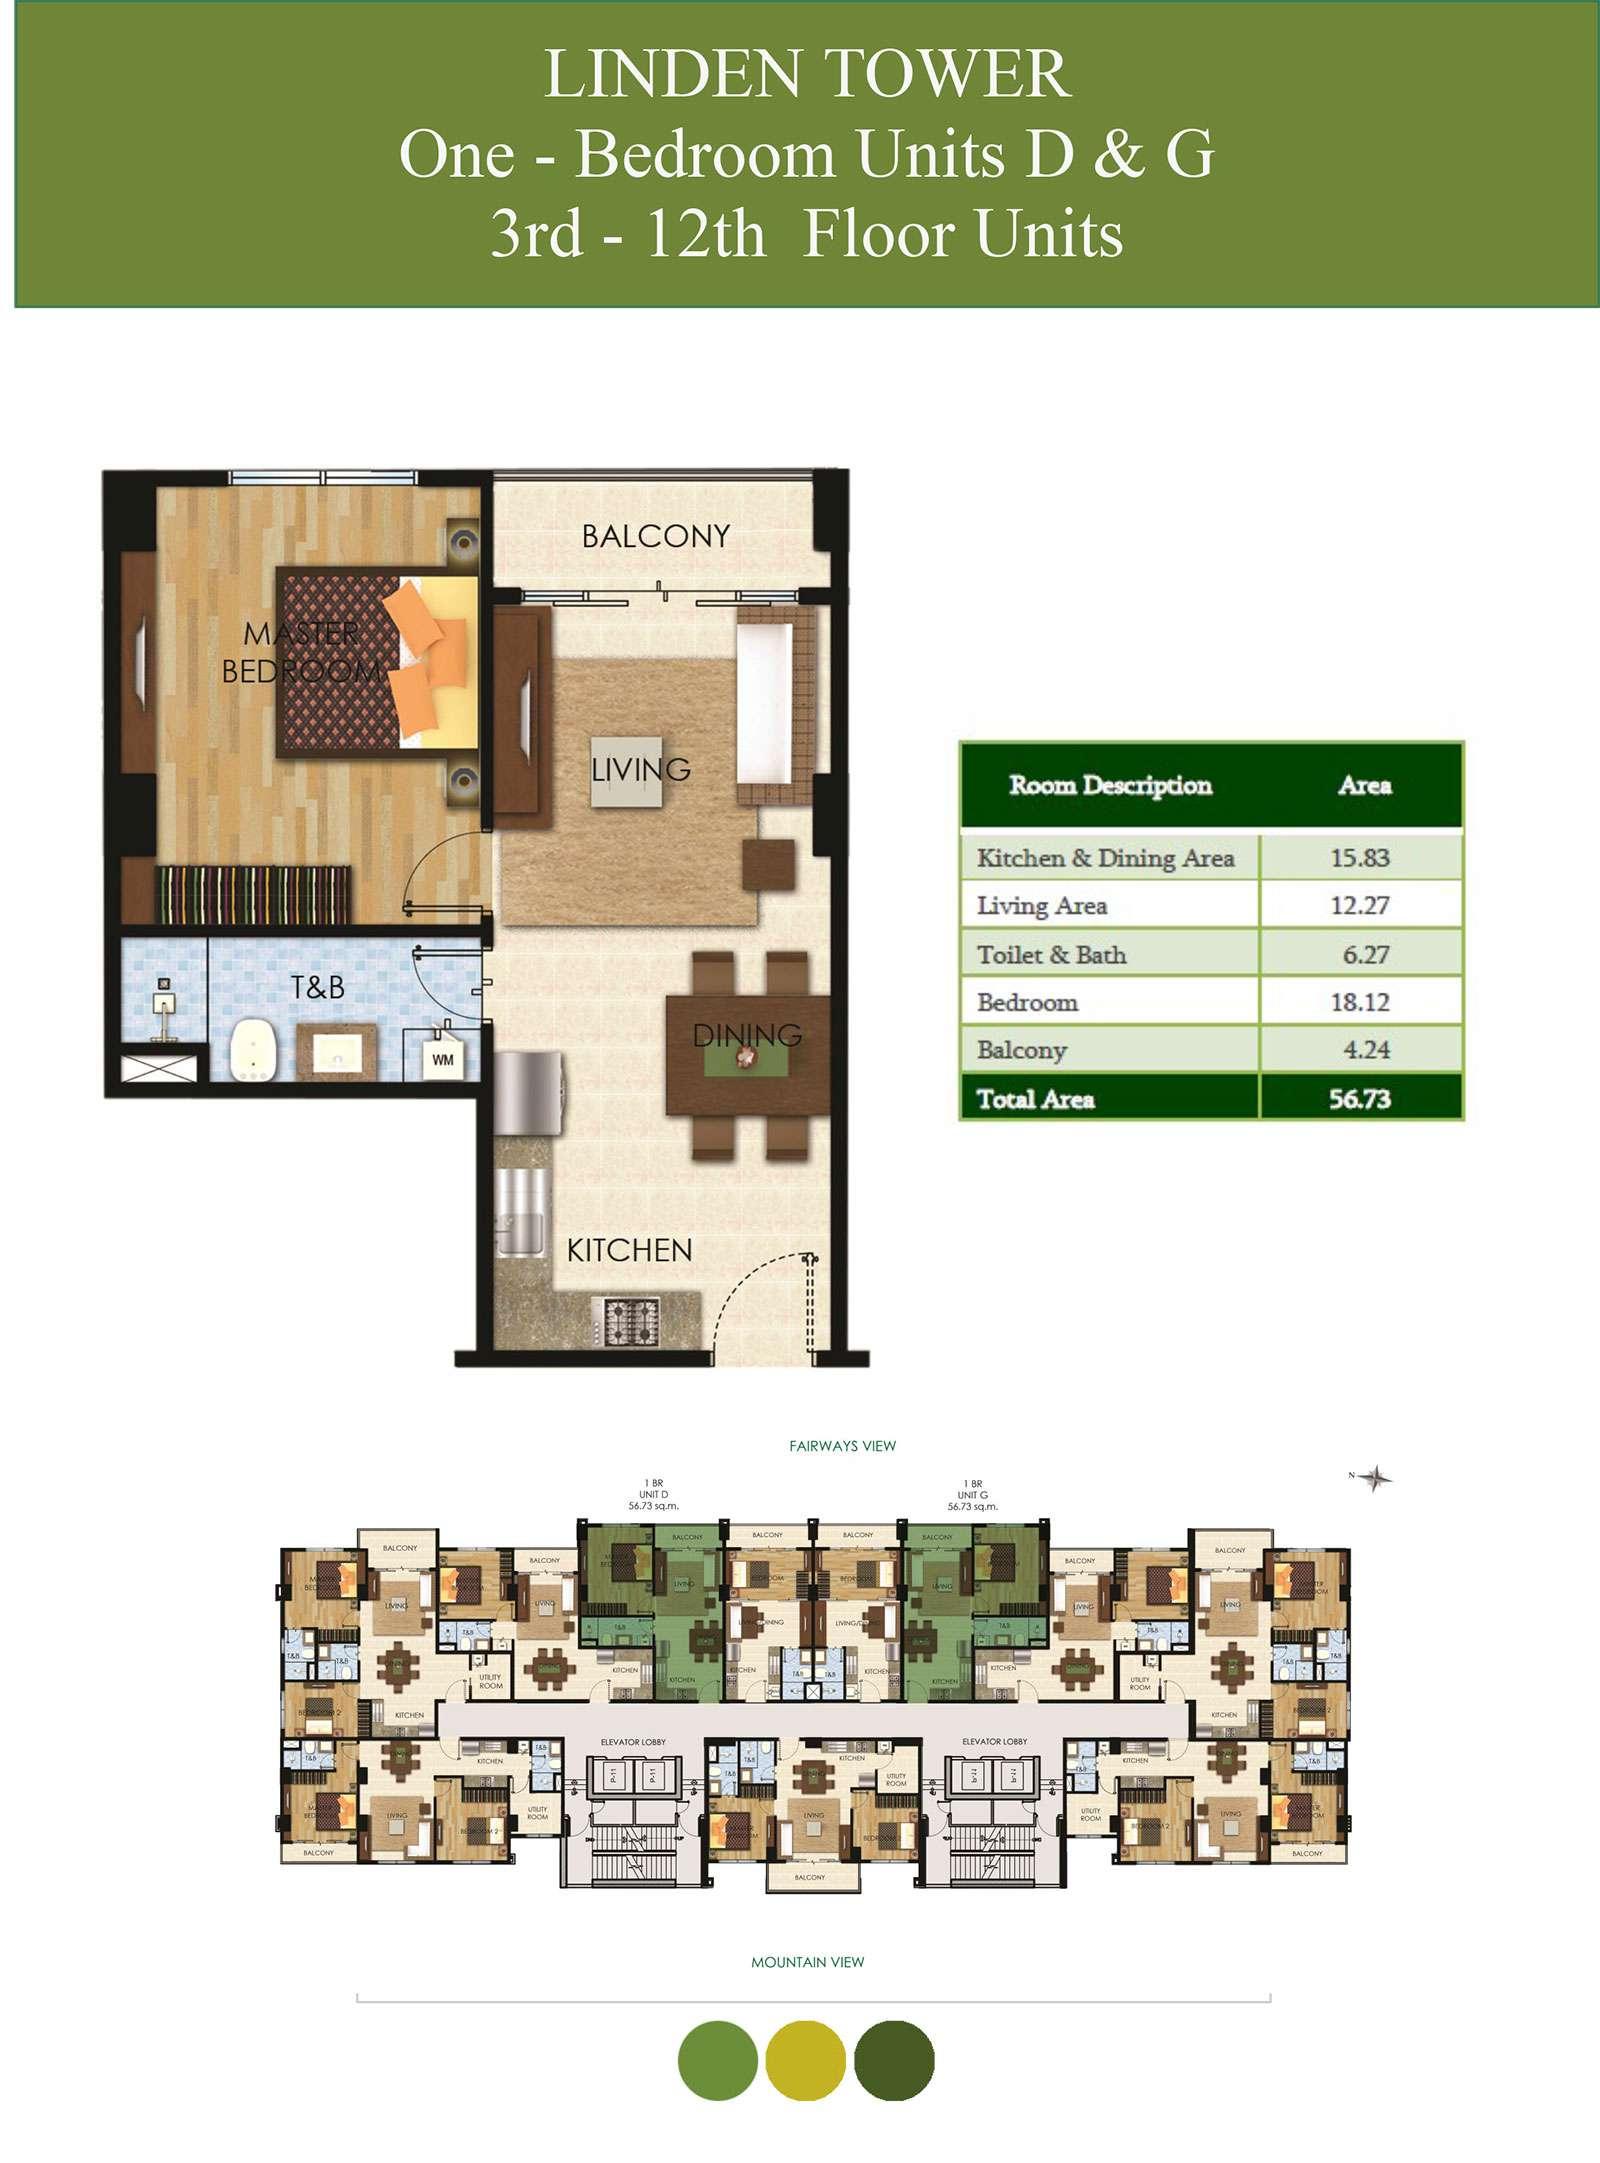 1 Bedroom Units D & G